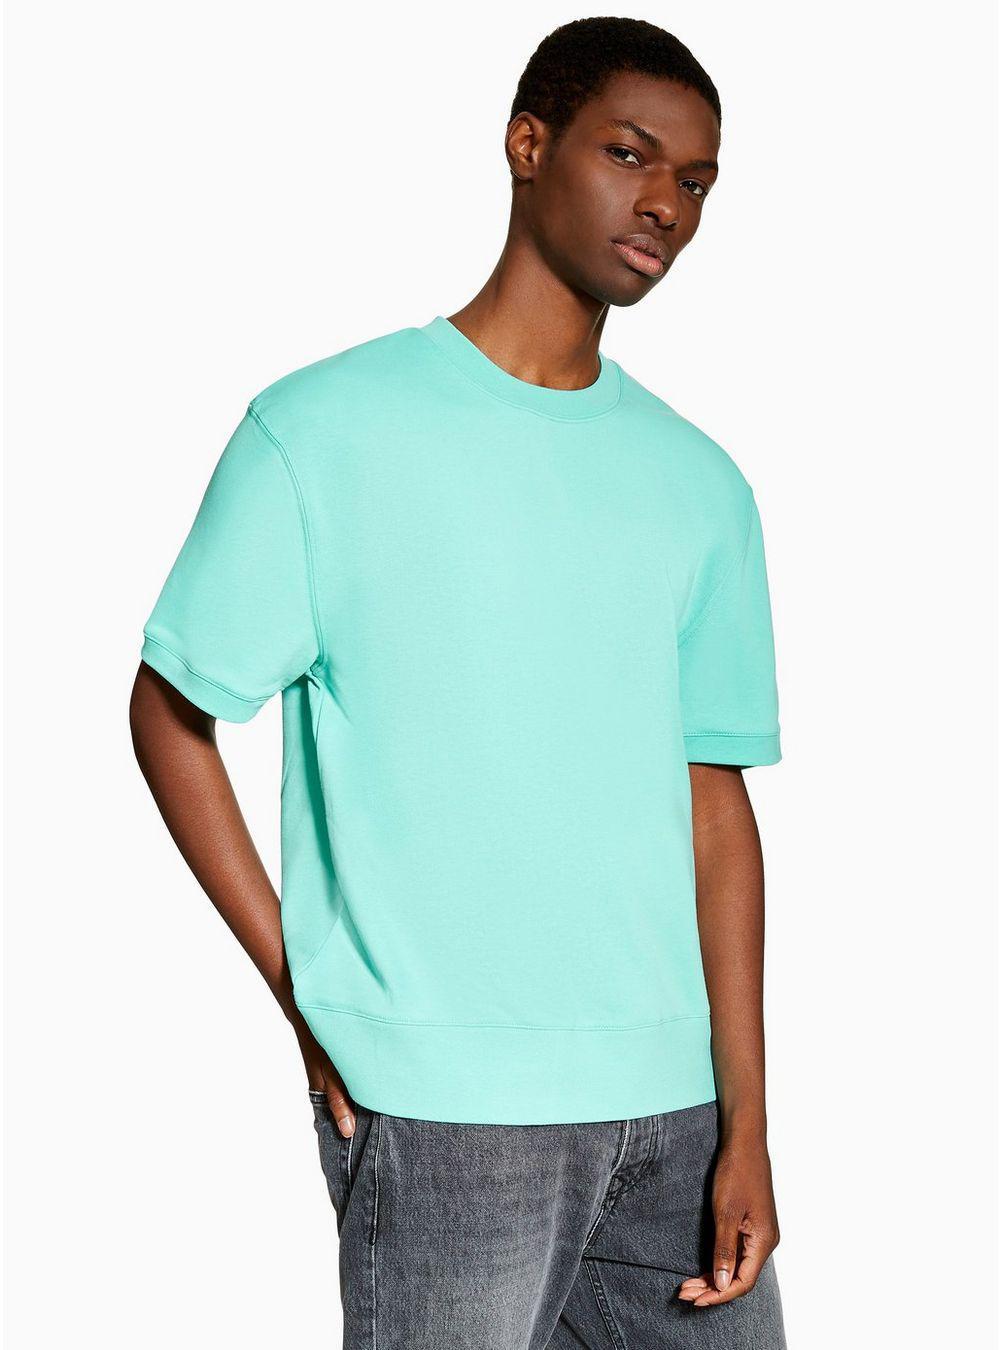 75fe54b9 Topman Green Sweatshirt in Blue for Men - Lyst